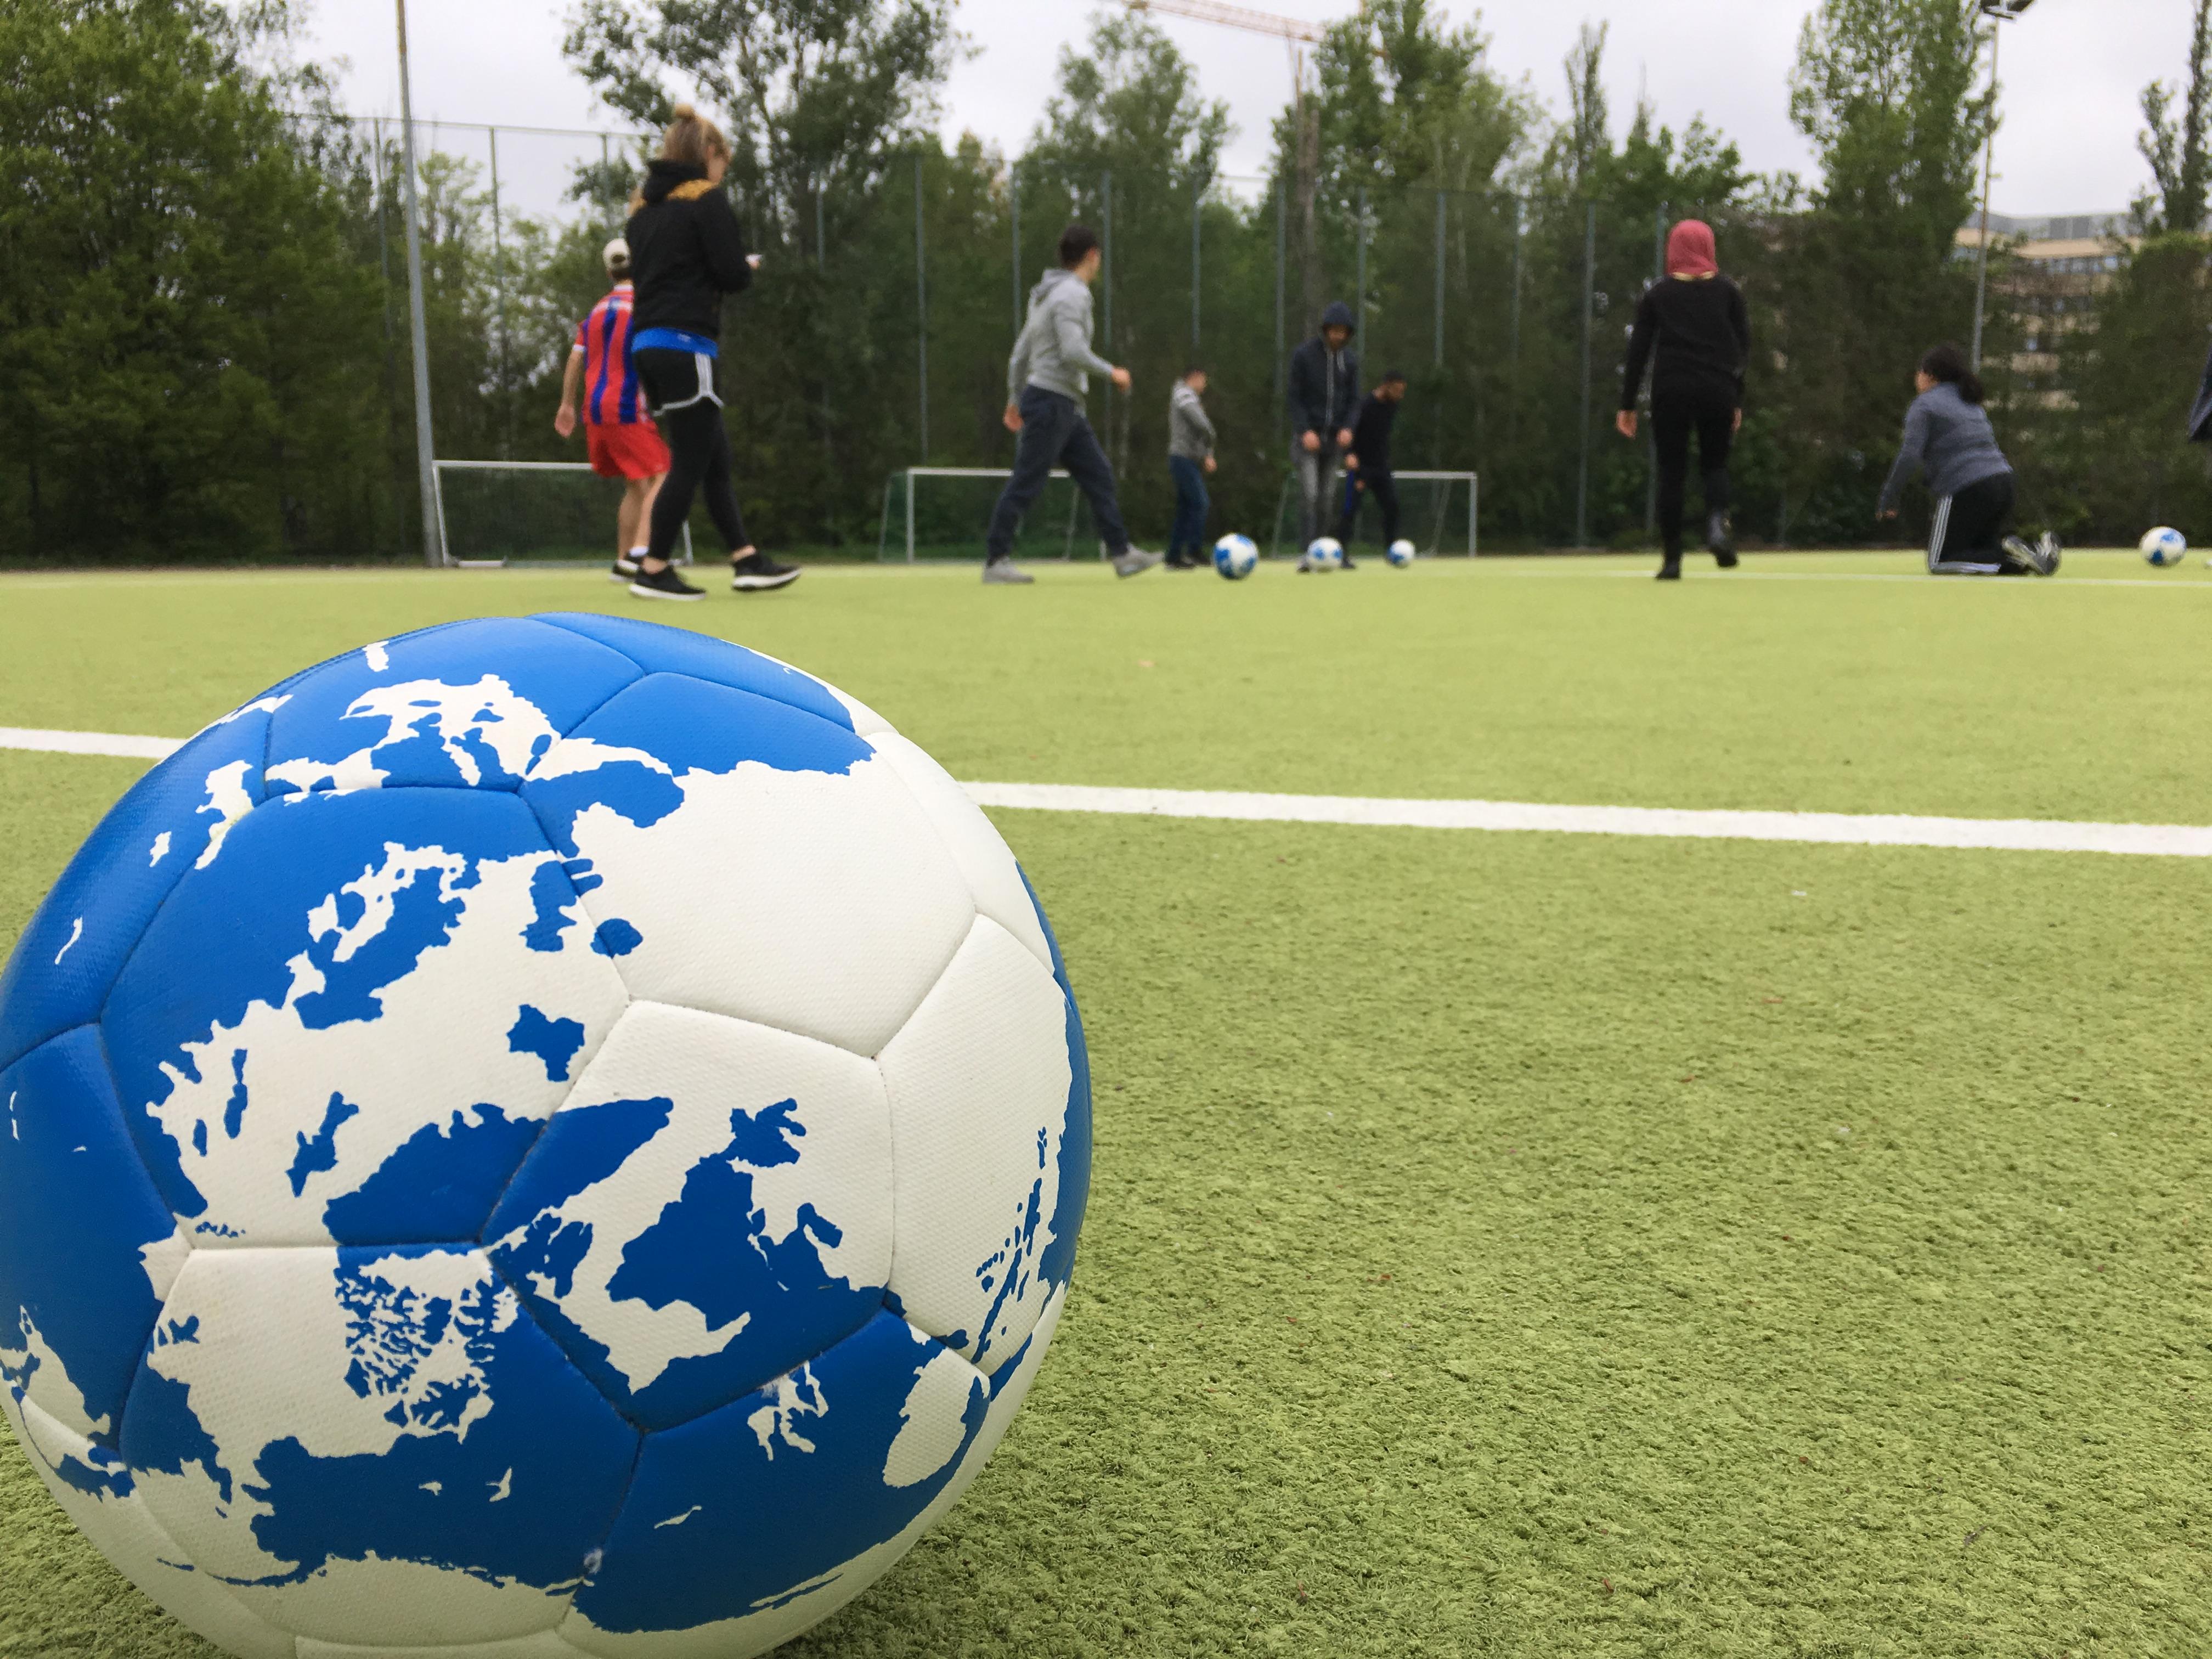 Ein Fußball, der als Erdball gestaltet ist, liegt auf einem Rasen, im Hintergrund spielen Jugendliche mit Bällen.